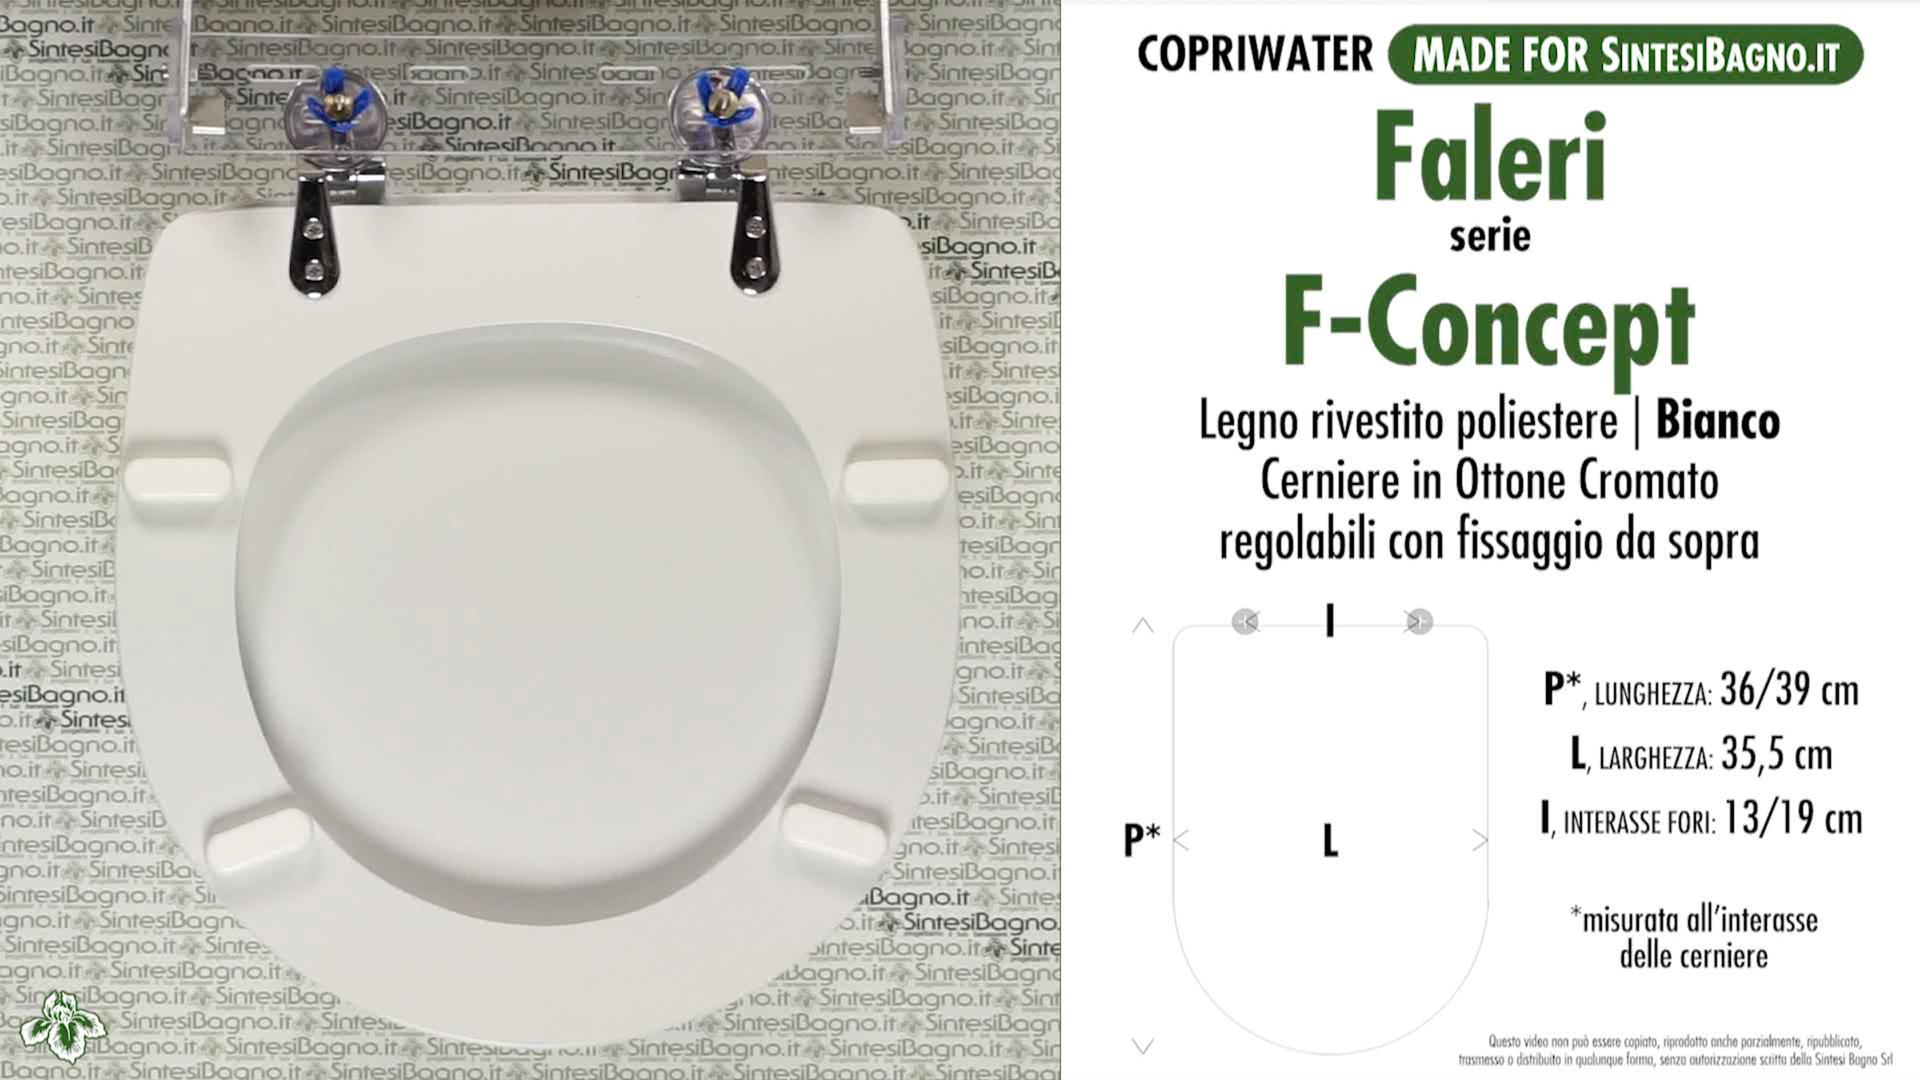 SCHEDA TECNICA MISURE copriwater FALERI F-CONCEPT